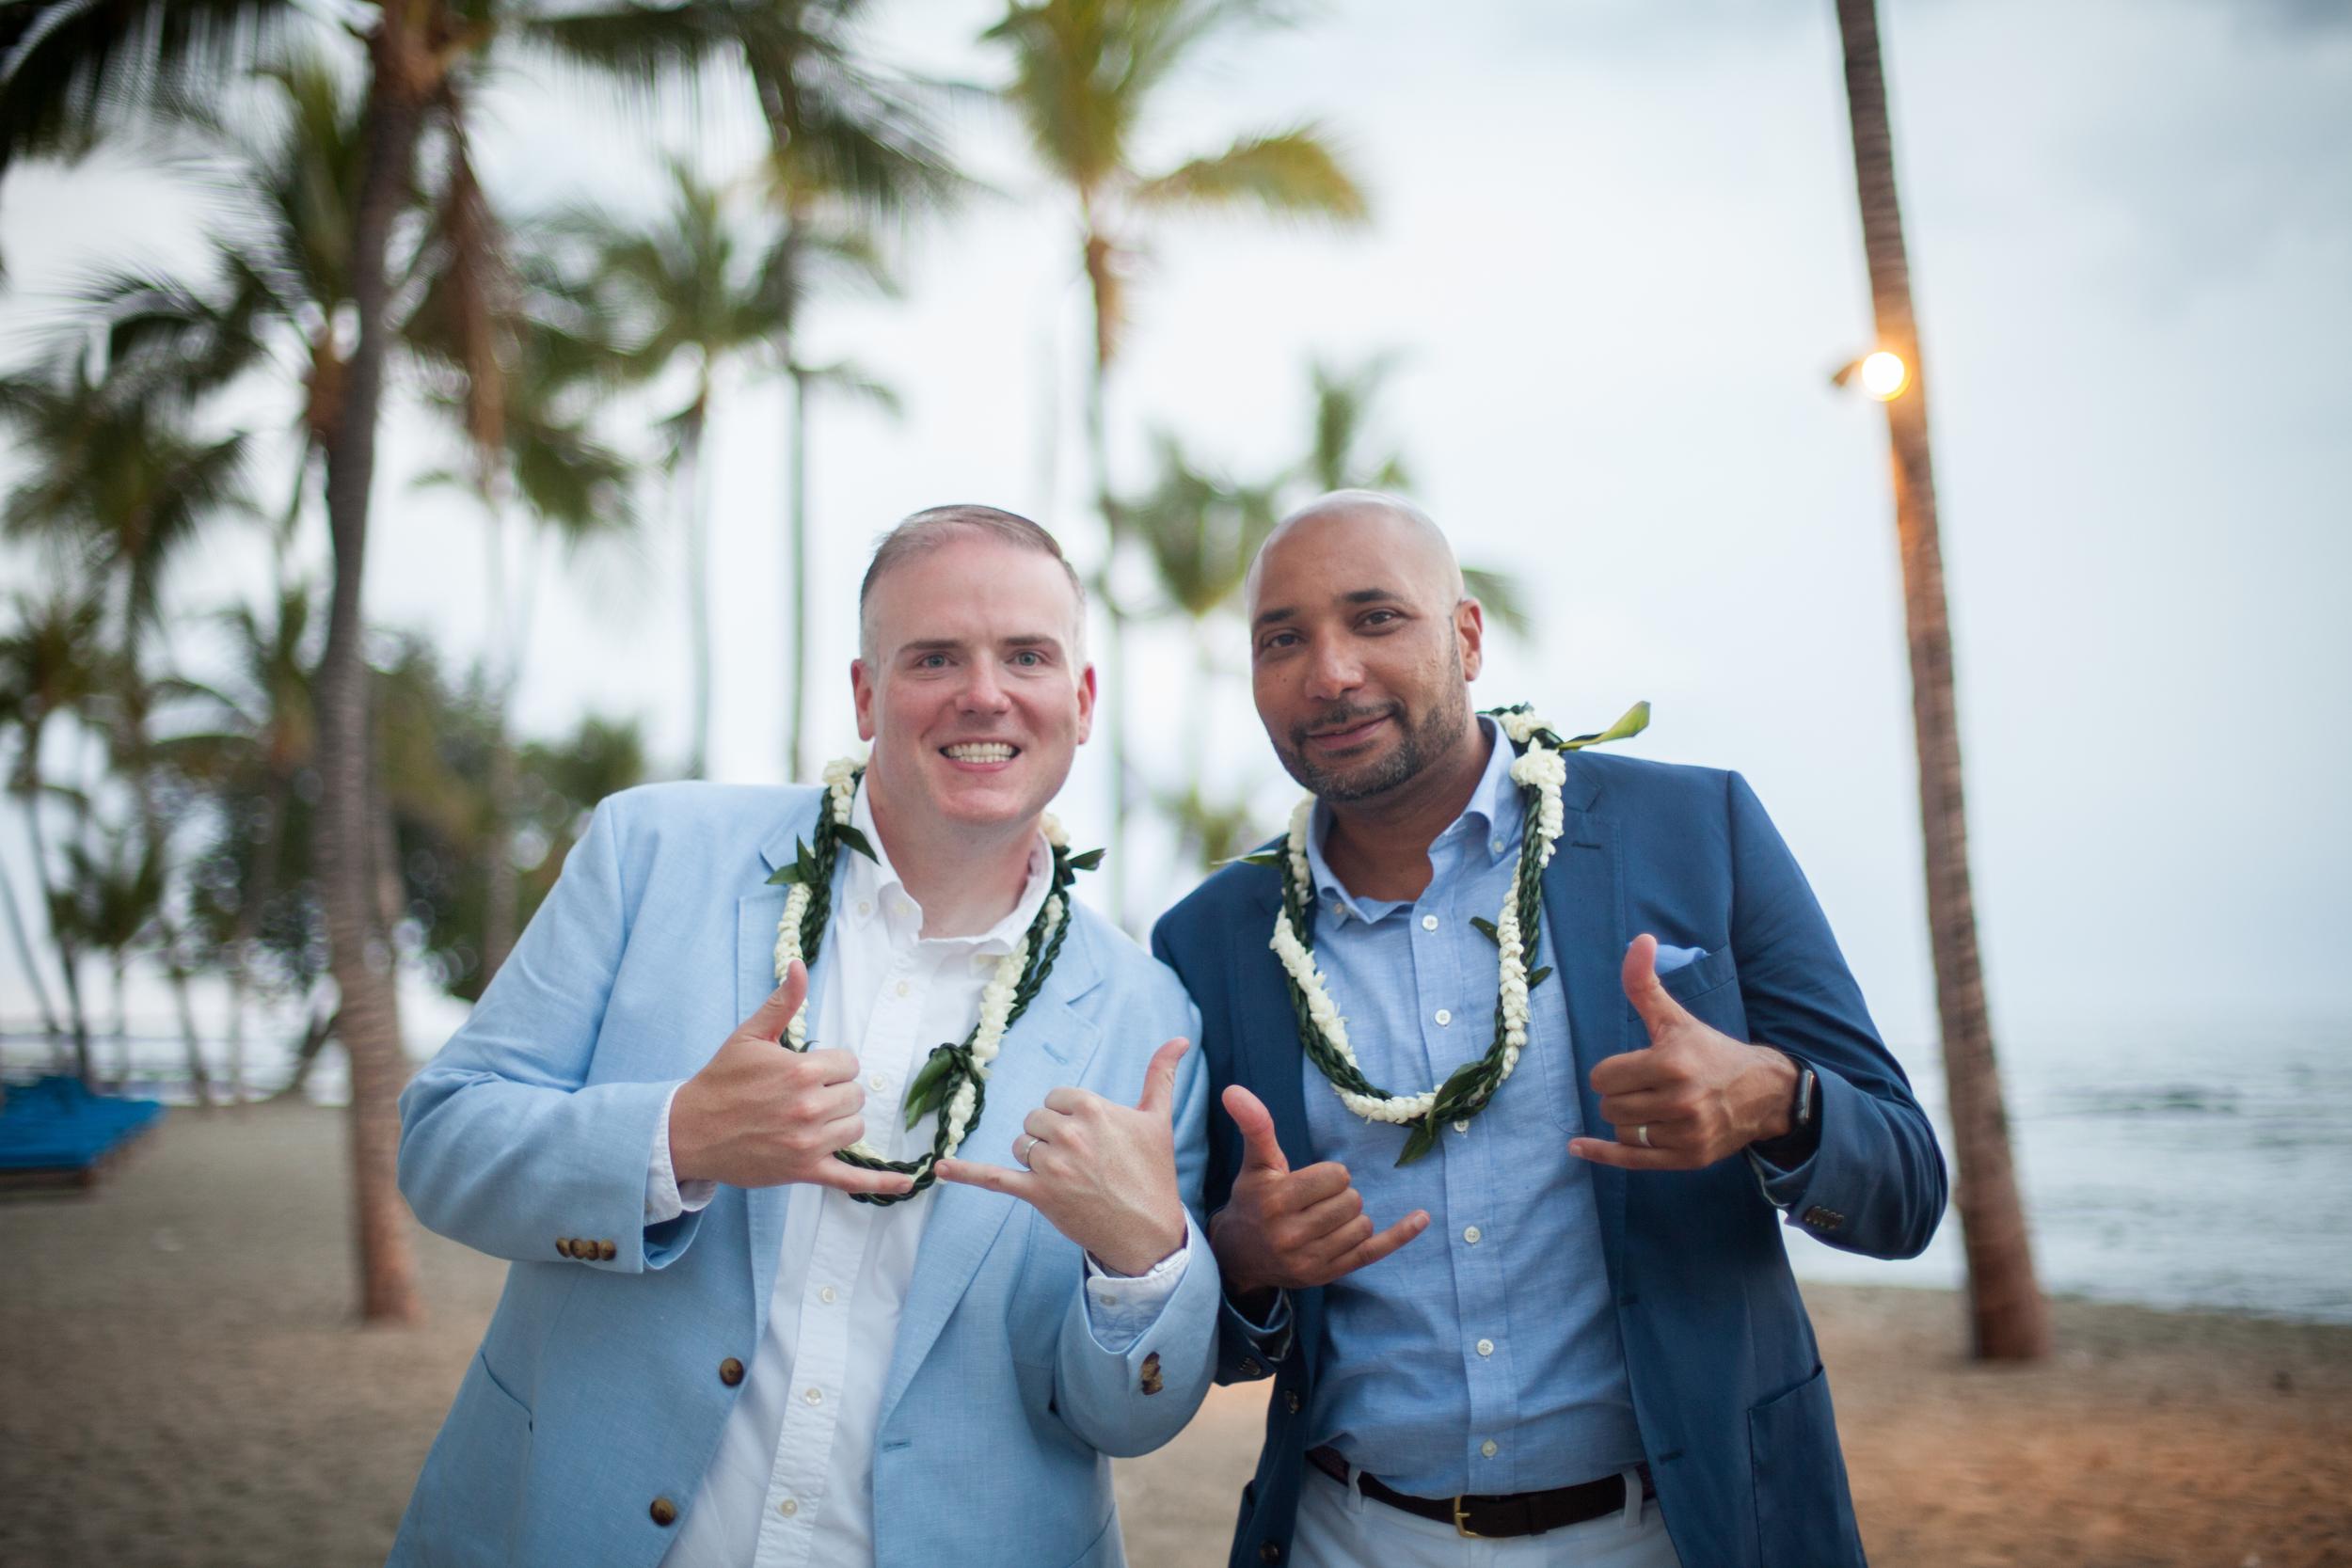 big island hawaii rmauna lani beach wedding © kelilina photography 20160601185611-3.jpg